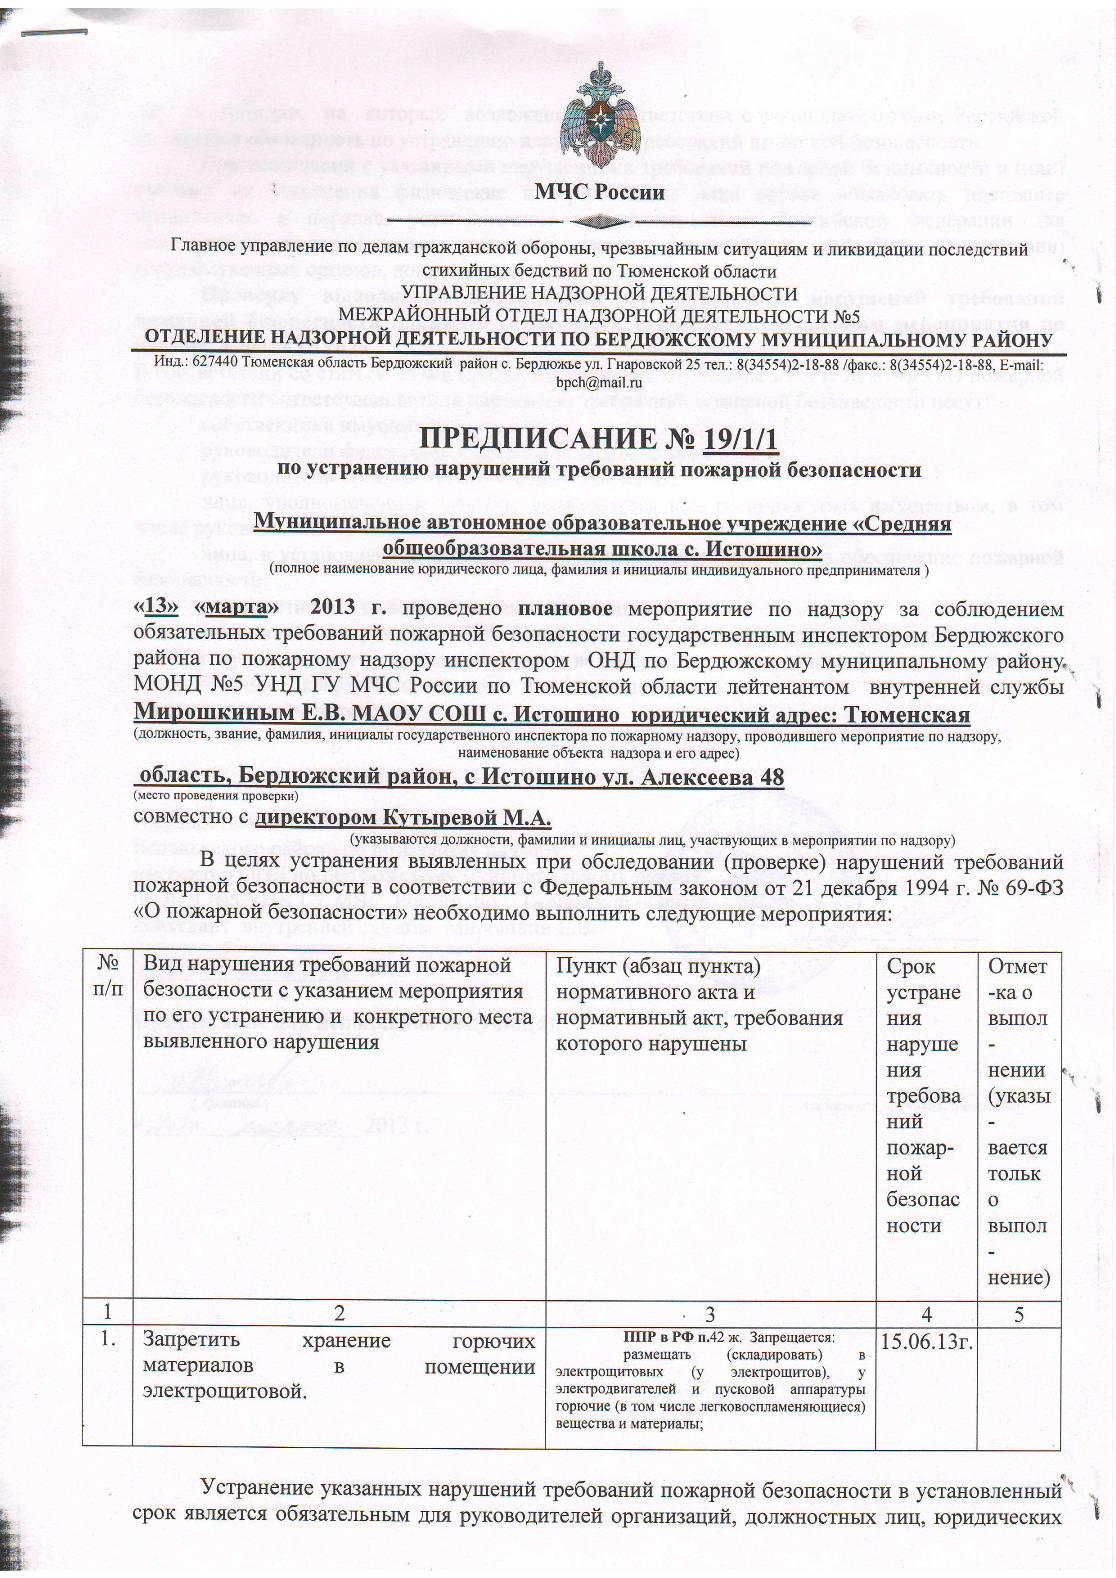 Исполнение предписания по устранению нарушений требований пожарной безопасности